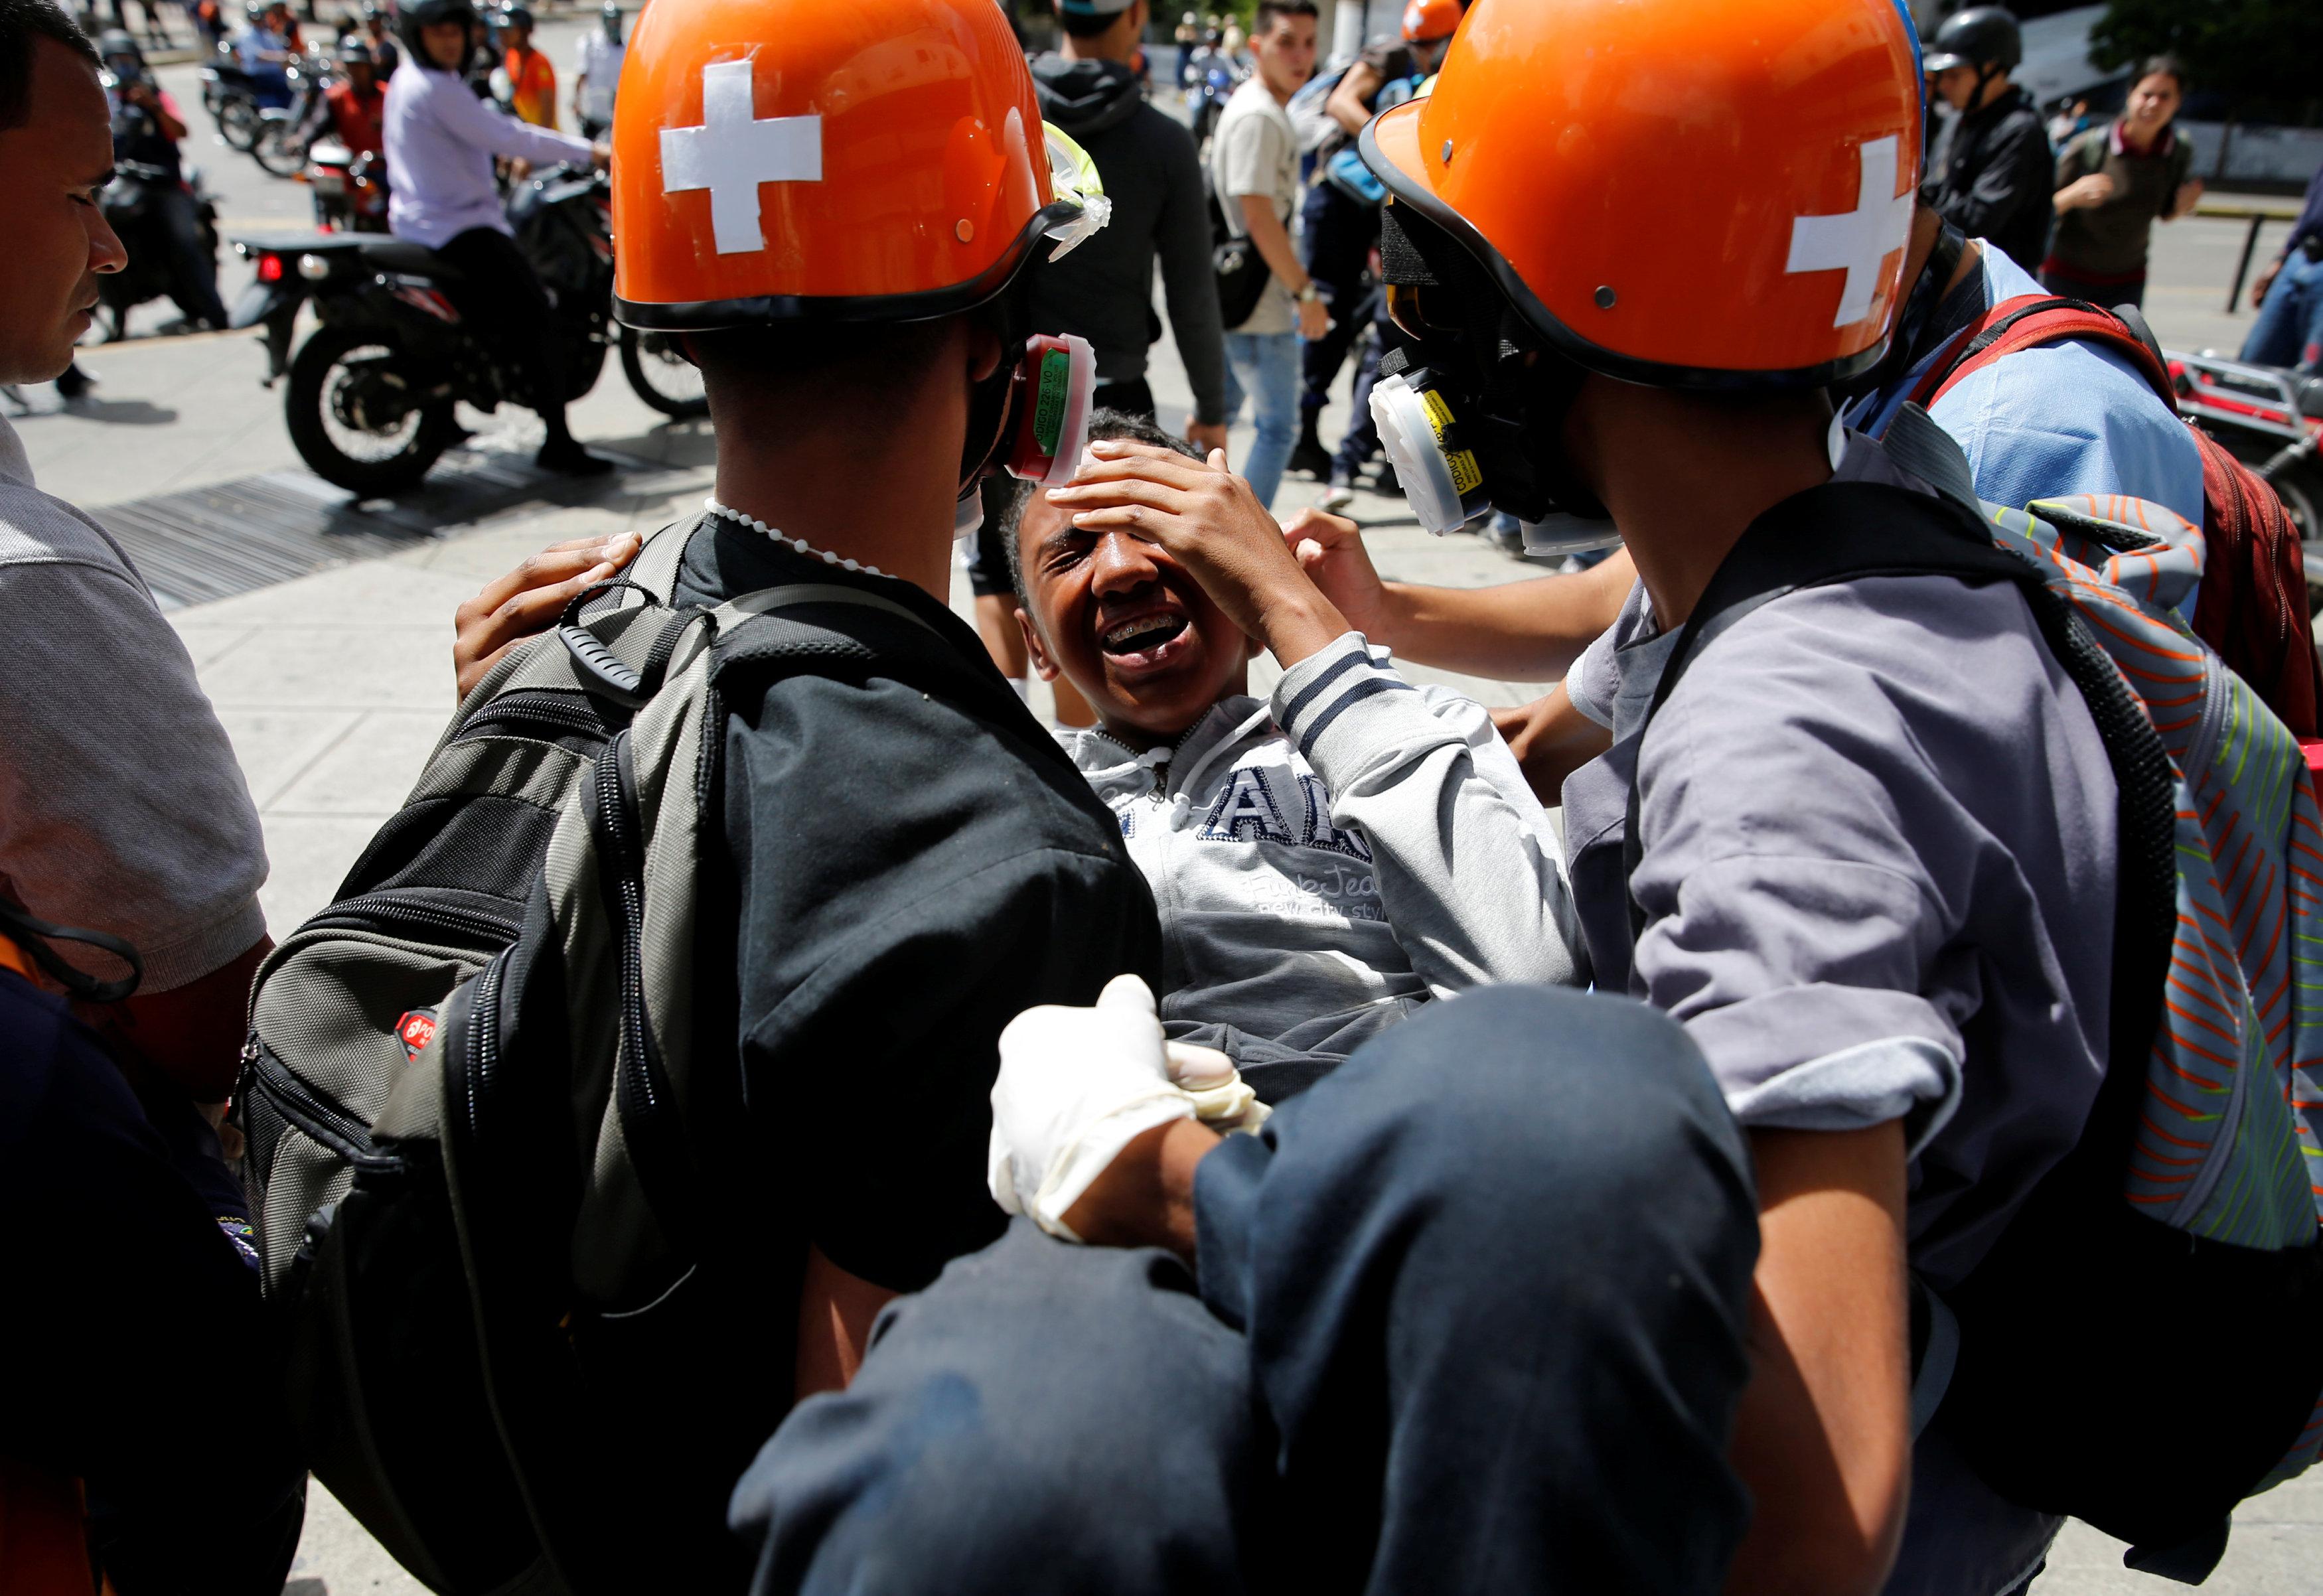 Voluntarios paramédicos atienden a uno de los heridos en la Plaza Francia de Altamira. REUTERS/Ivan Alvarado